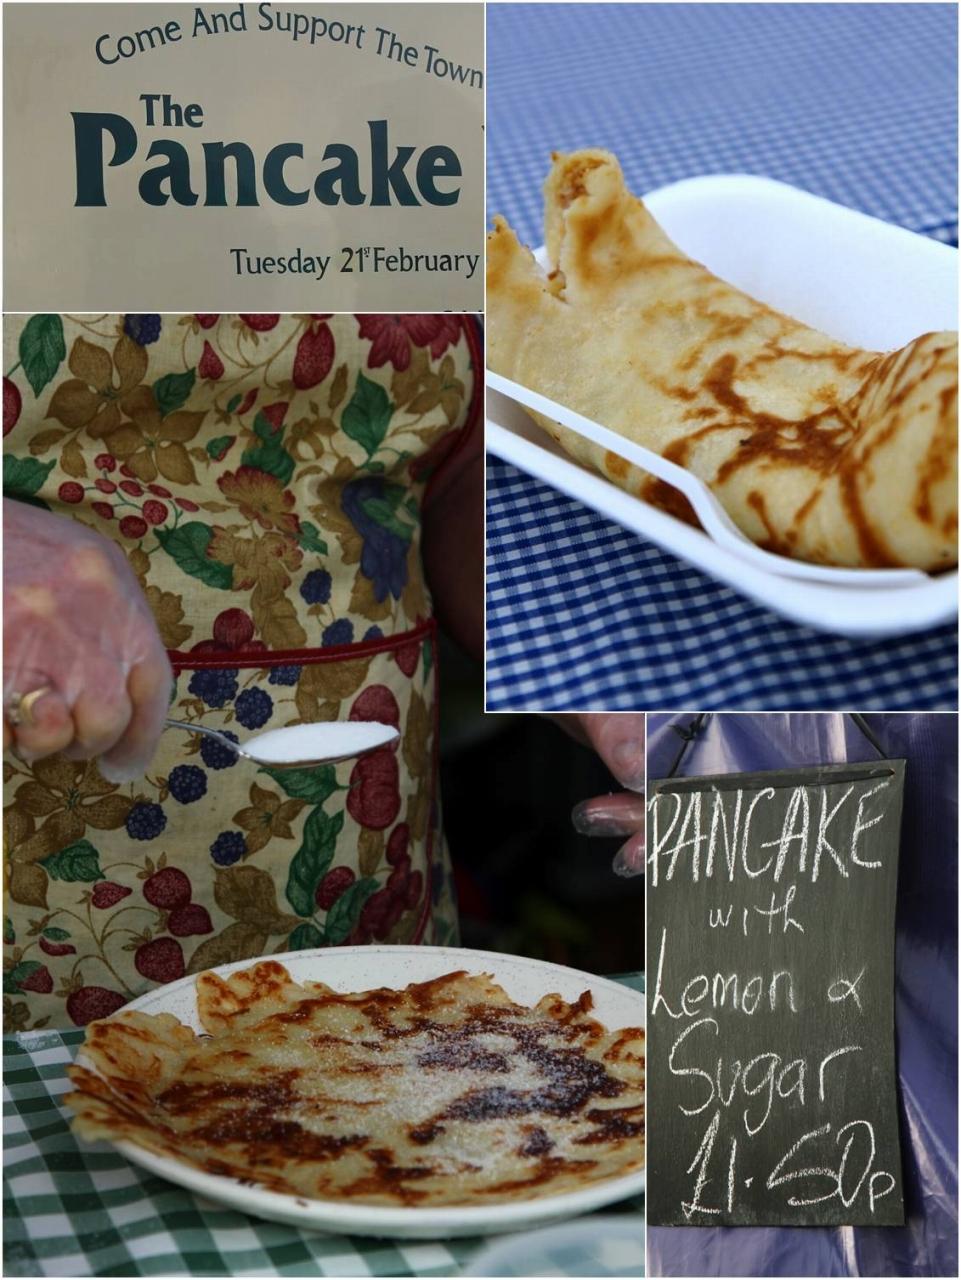 オルニーのパンケーキレース会場のパンケーキ☆トッピングはシンプルにレモン&シュガーのみ☆